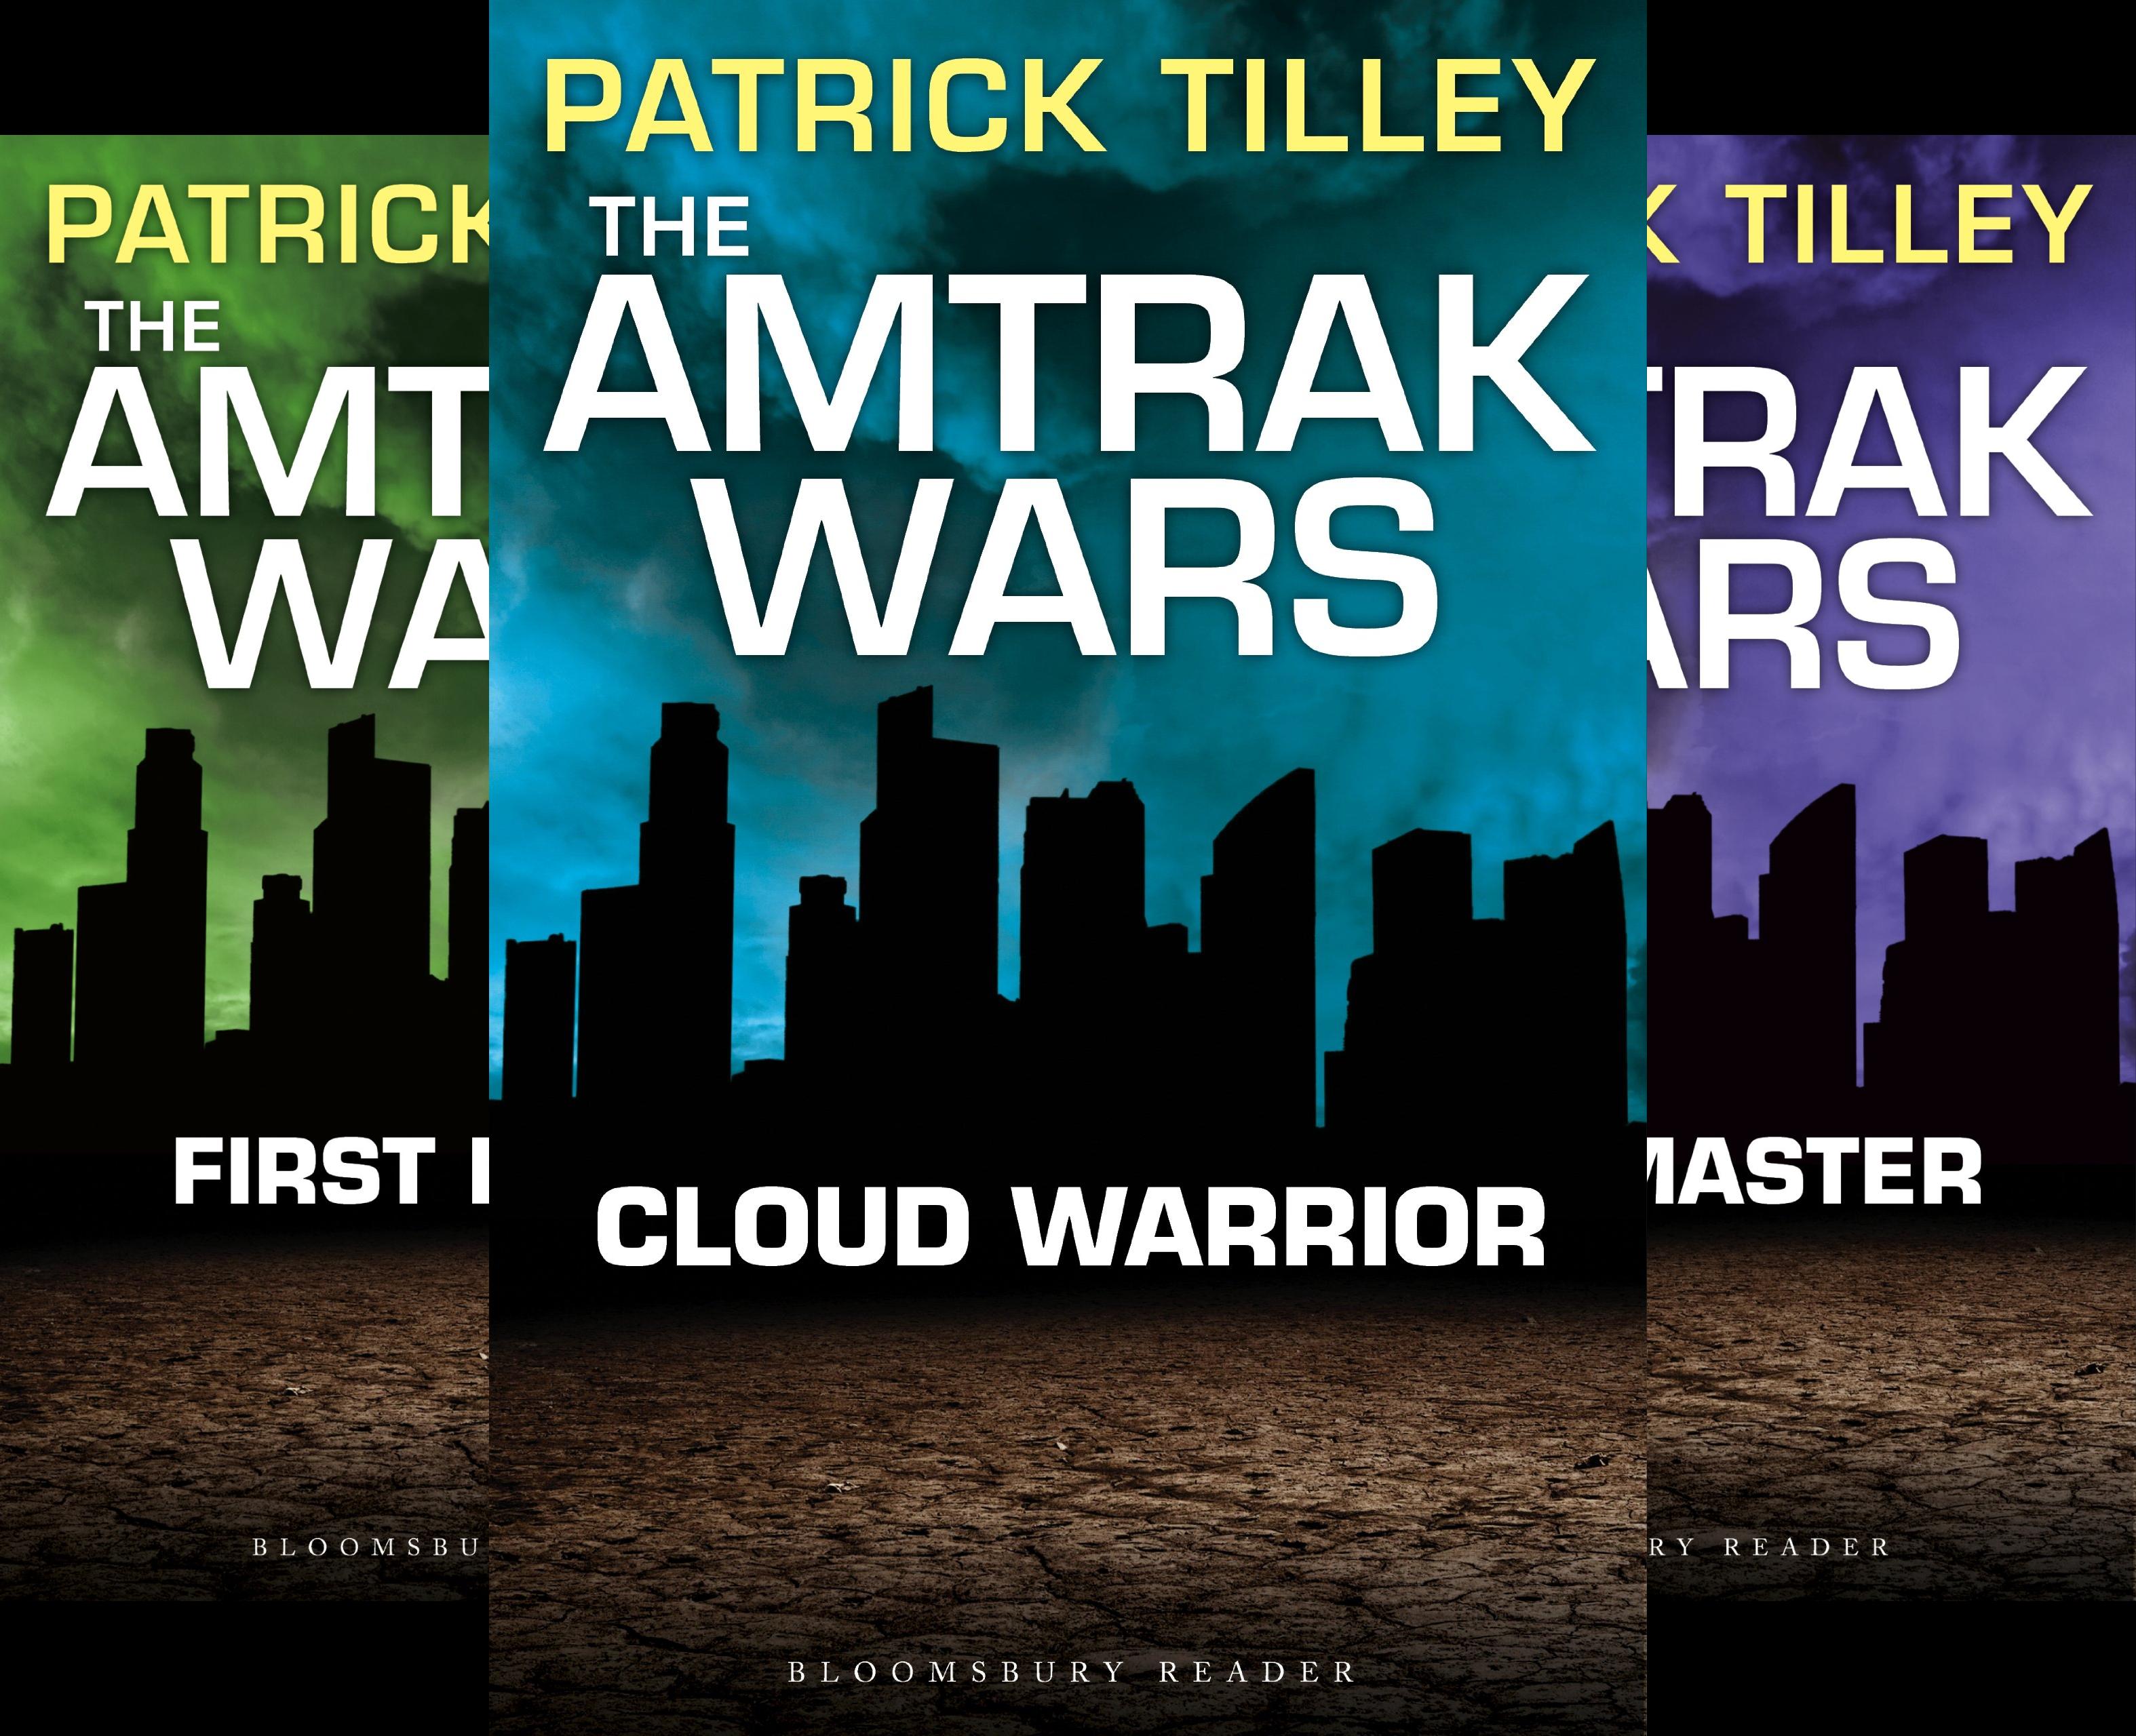 amtrak-wars-series-6-book-series